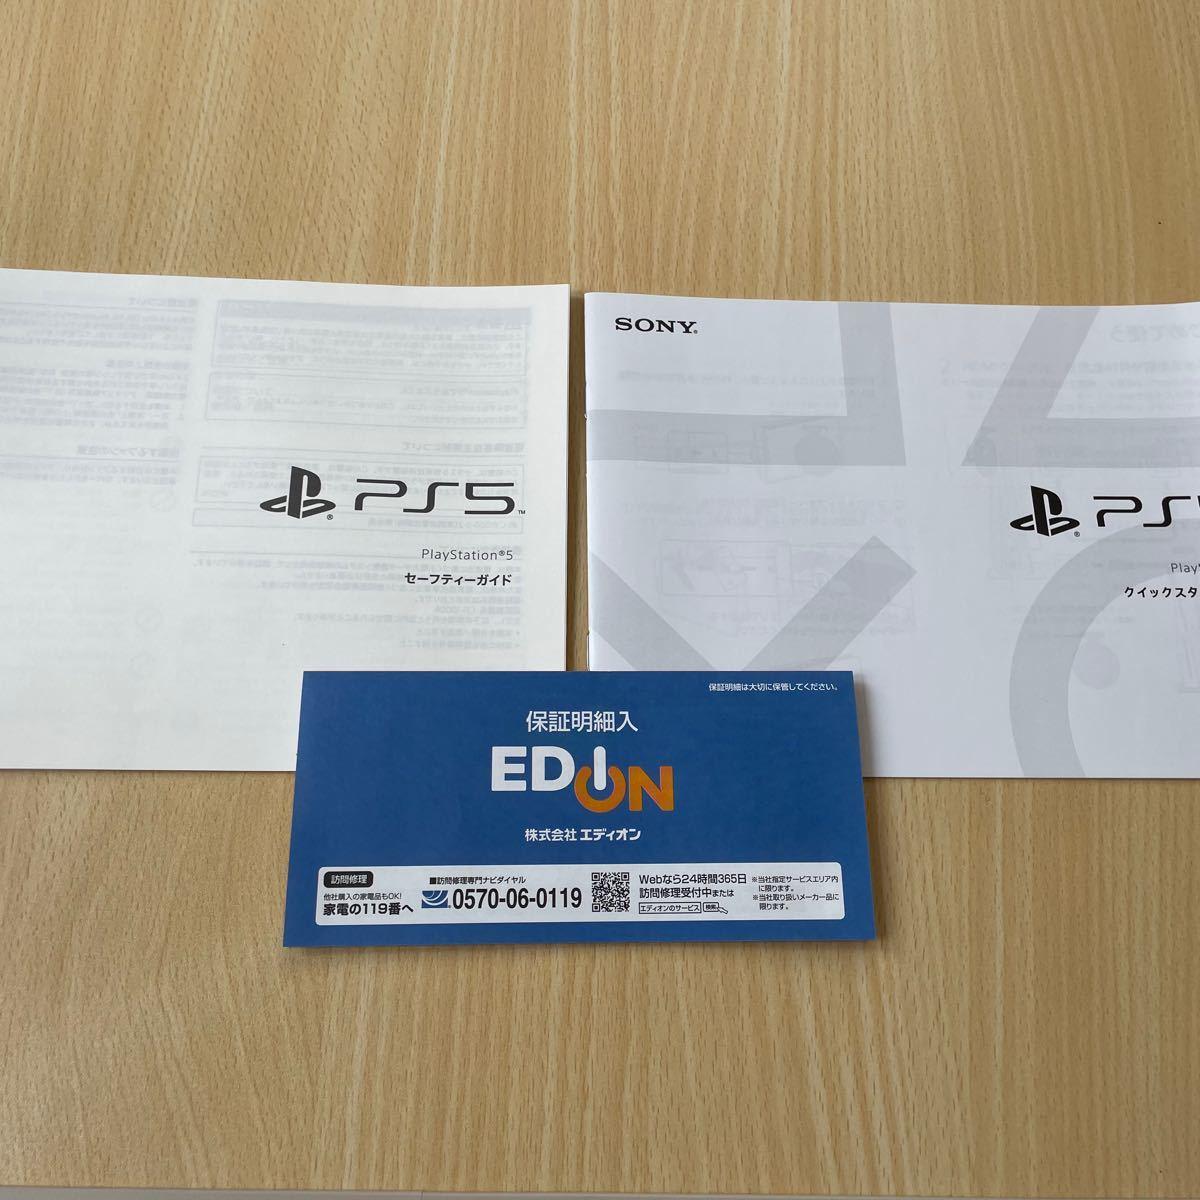 【即日発送】PlayStation5 本体 初回生産限定特典付き バイオハザード ヴィレッジ その他おまけ付き